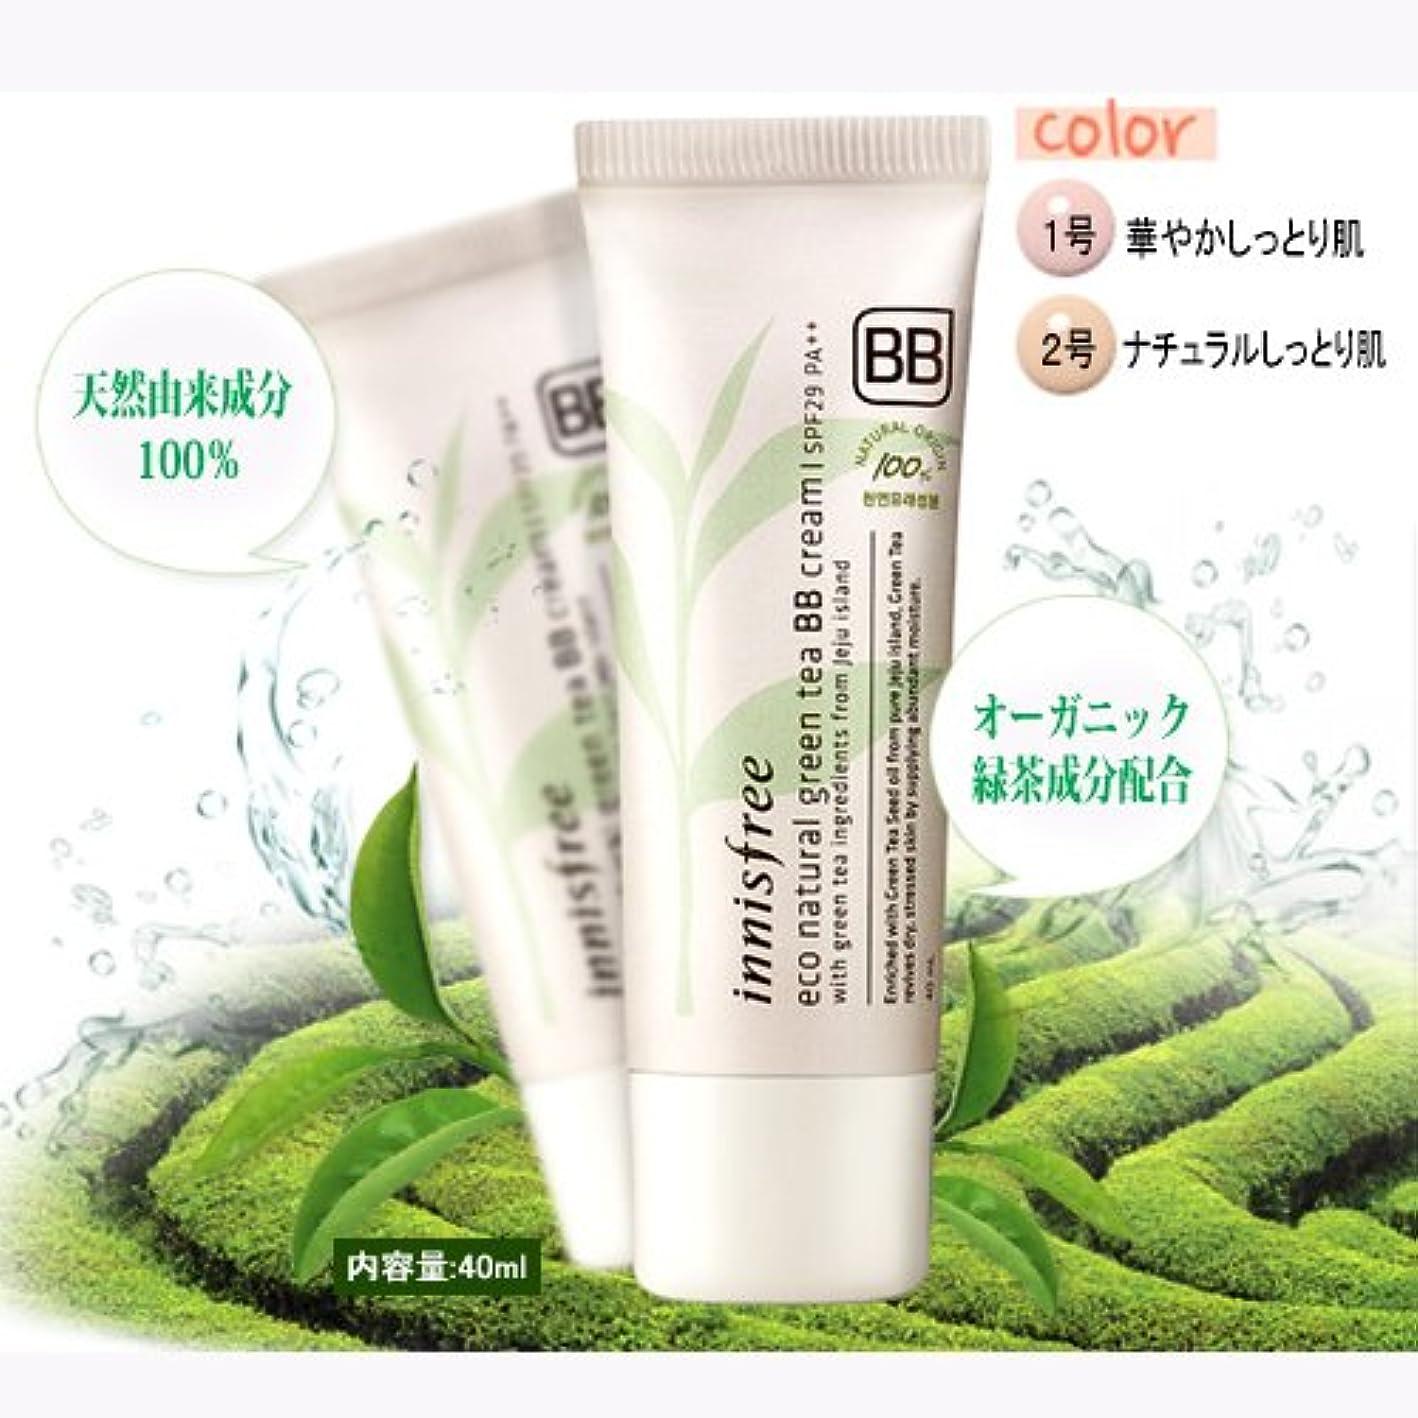 受信メキシコアルコーブinnisfree/イニスフリー Eco Natural Green Tea BB Cream #02/エコナチュラルグリーンティーBBクリームナチュラルなしっとりお肌 SPF29PA++40ml